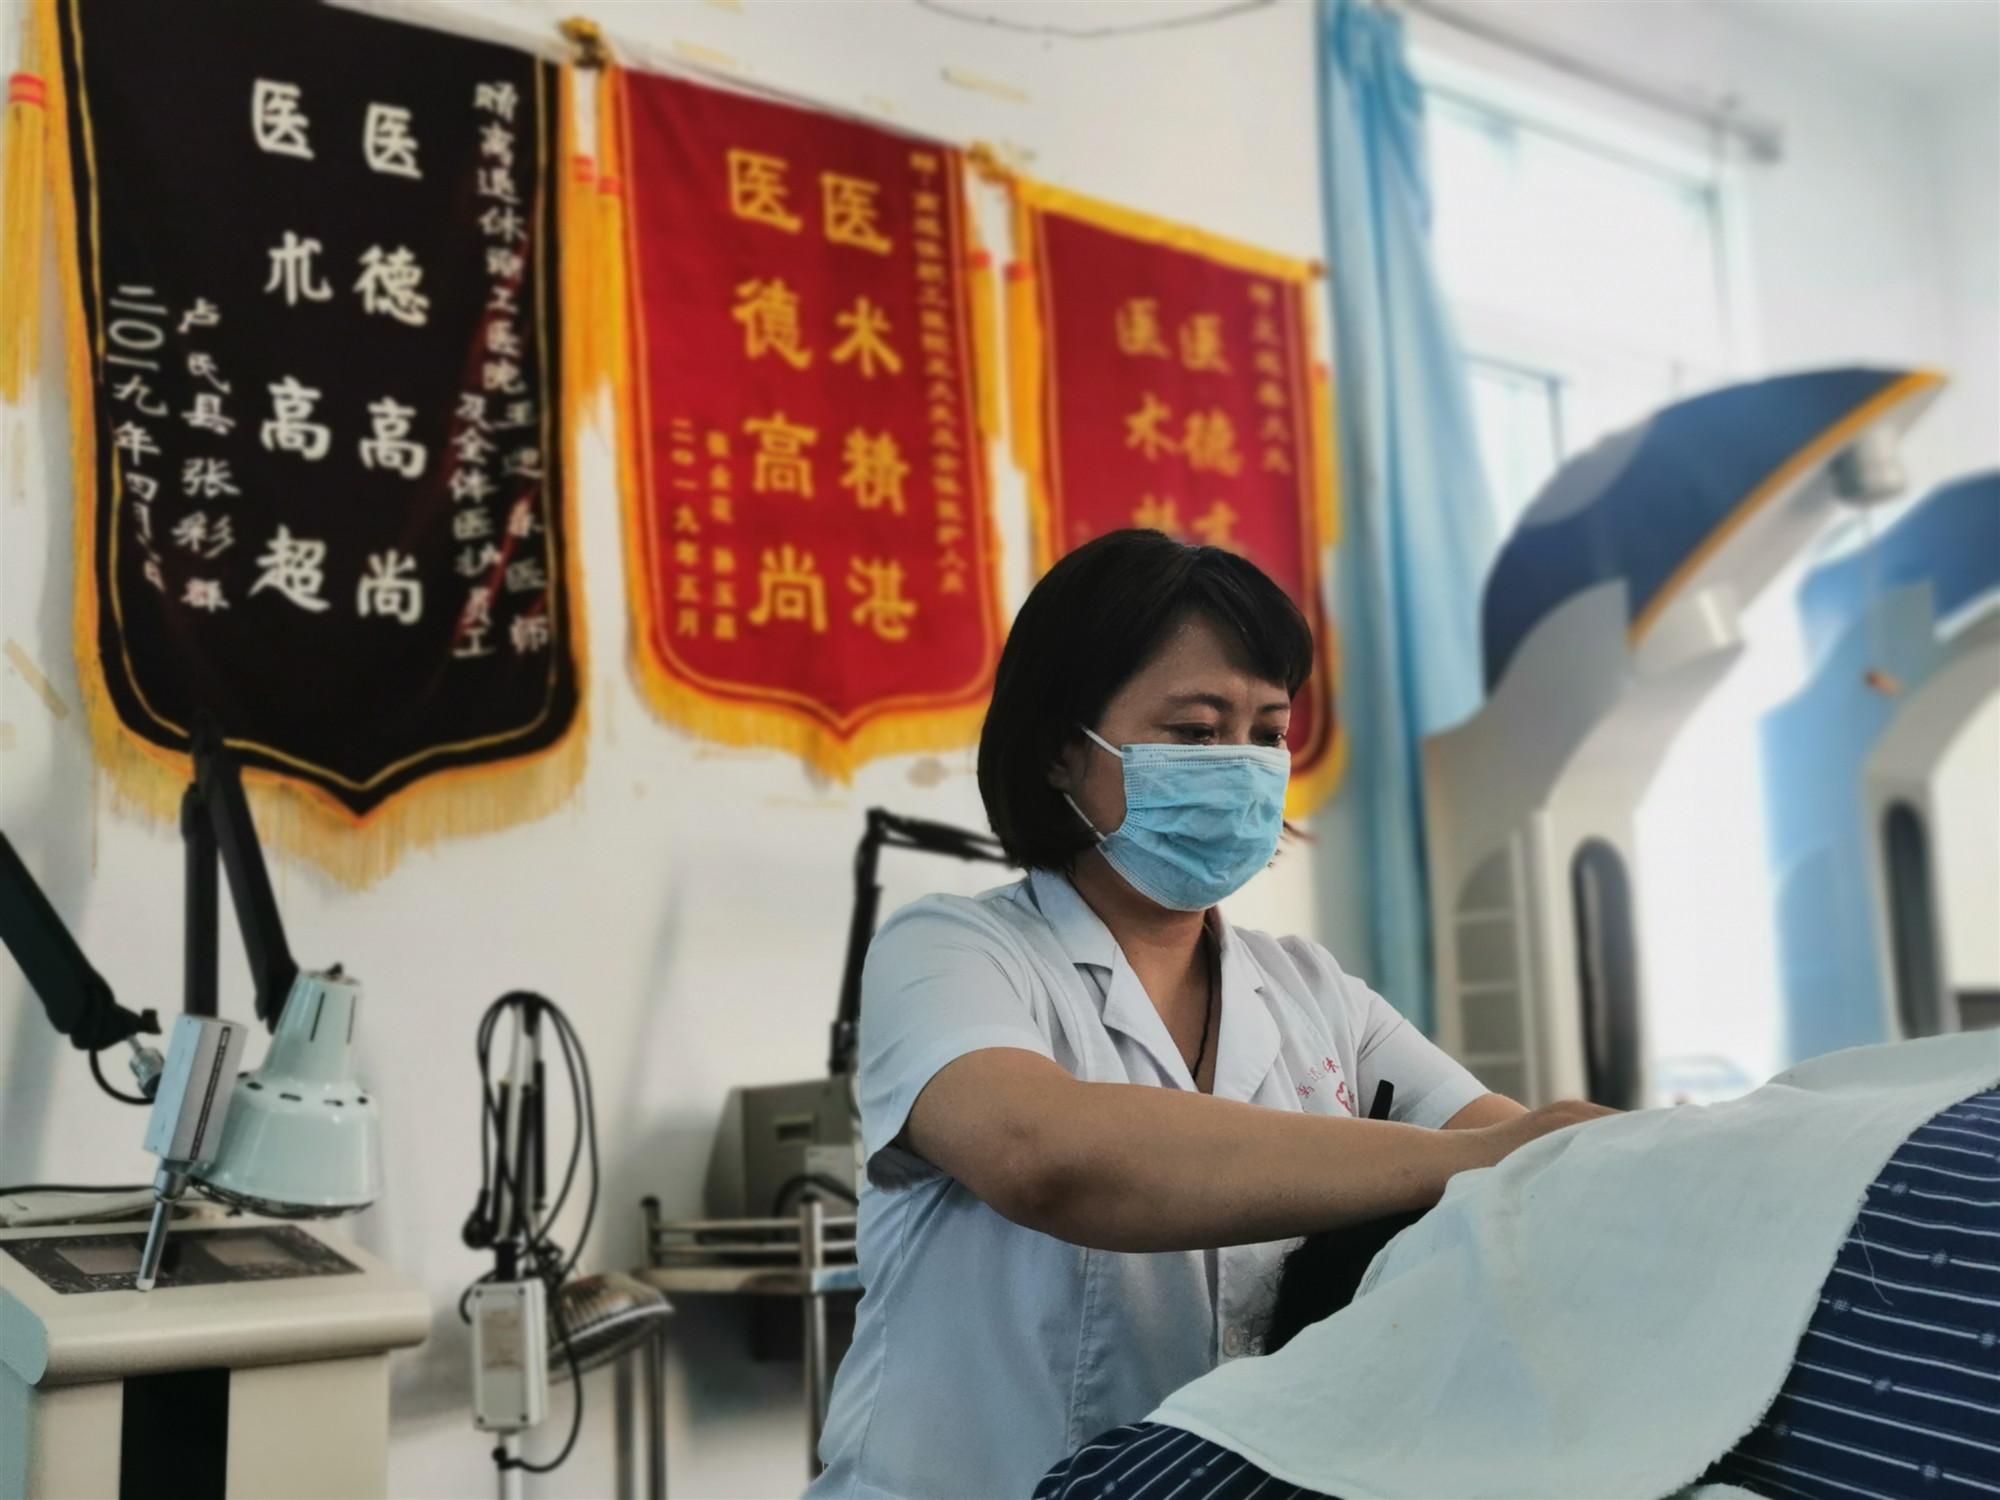 三门峡市湖滨街道社区卫生服务中心王迎春:患者满意是我最大的愿望